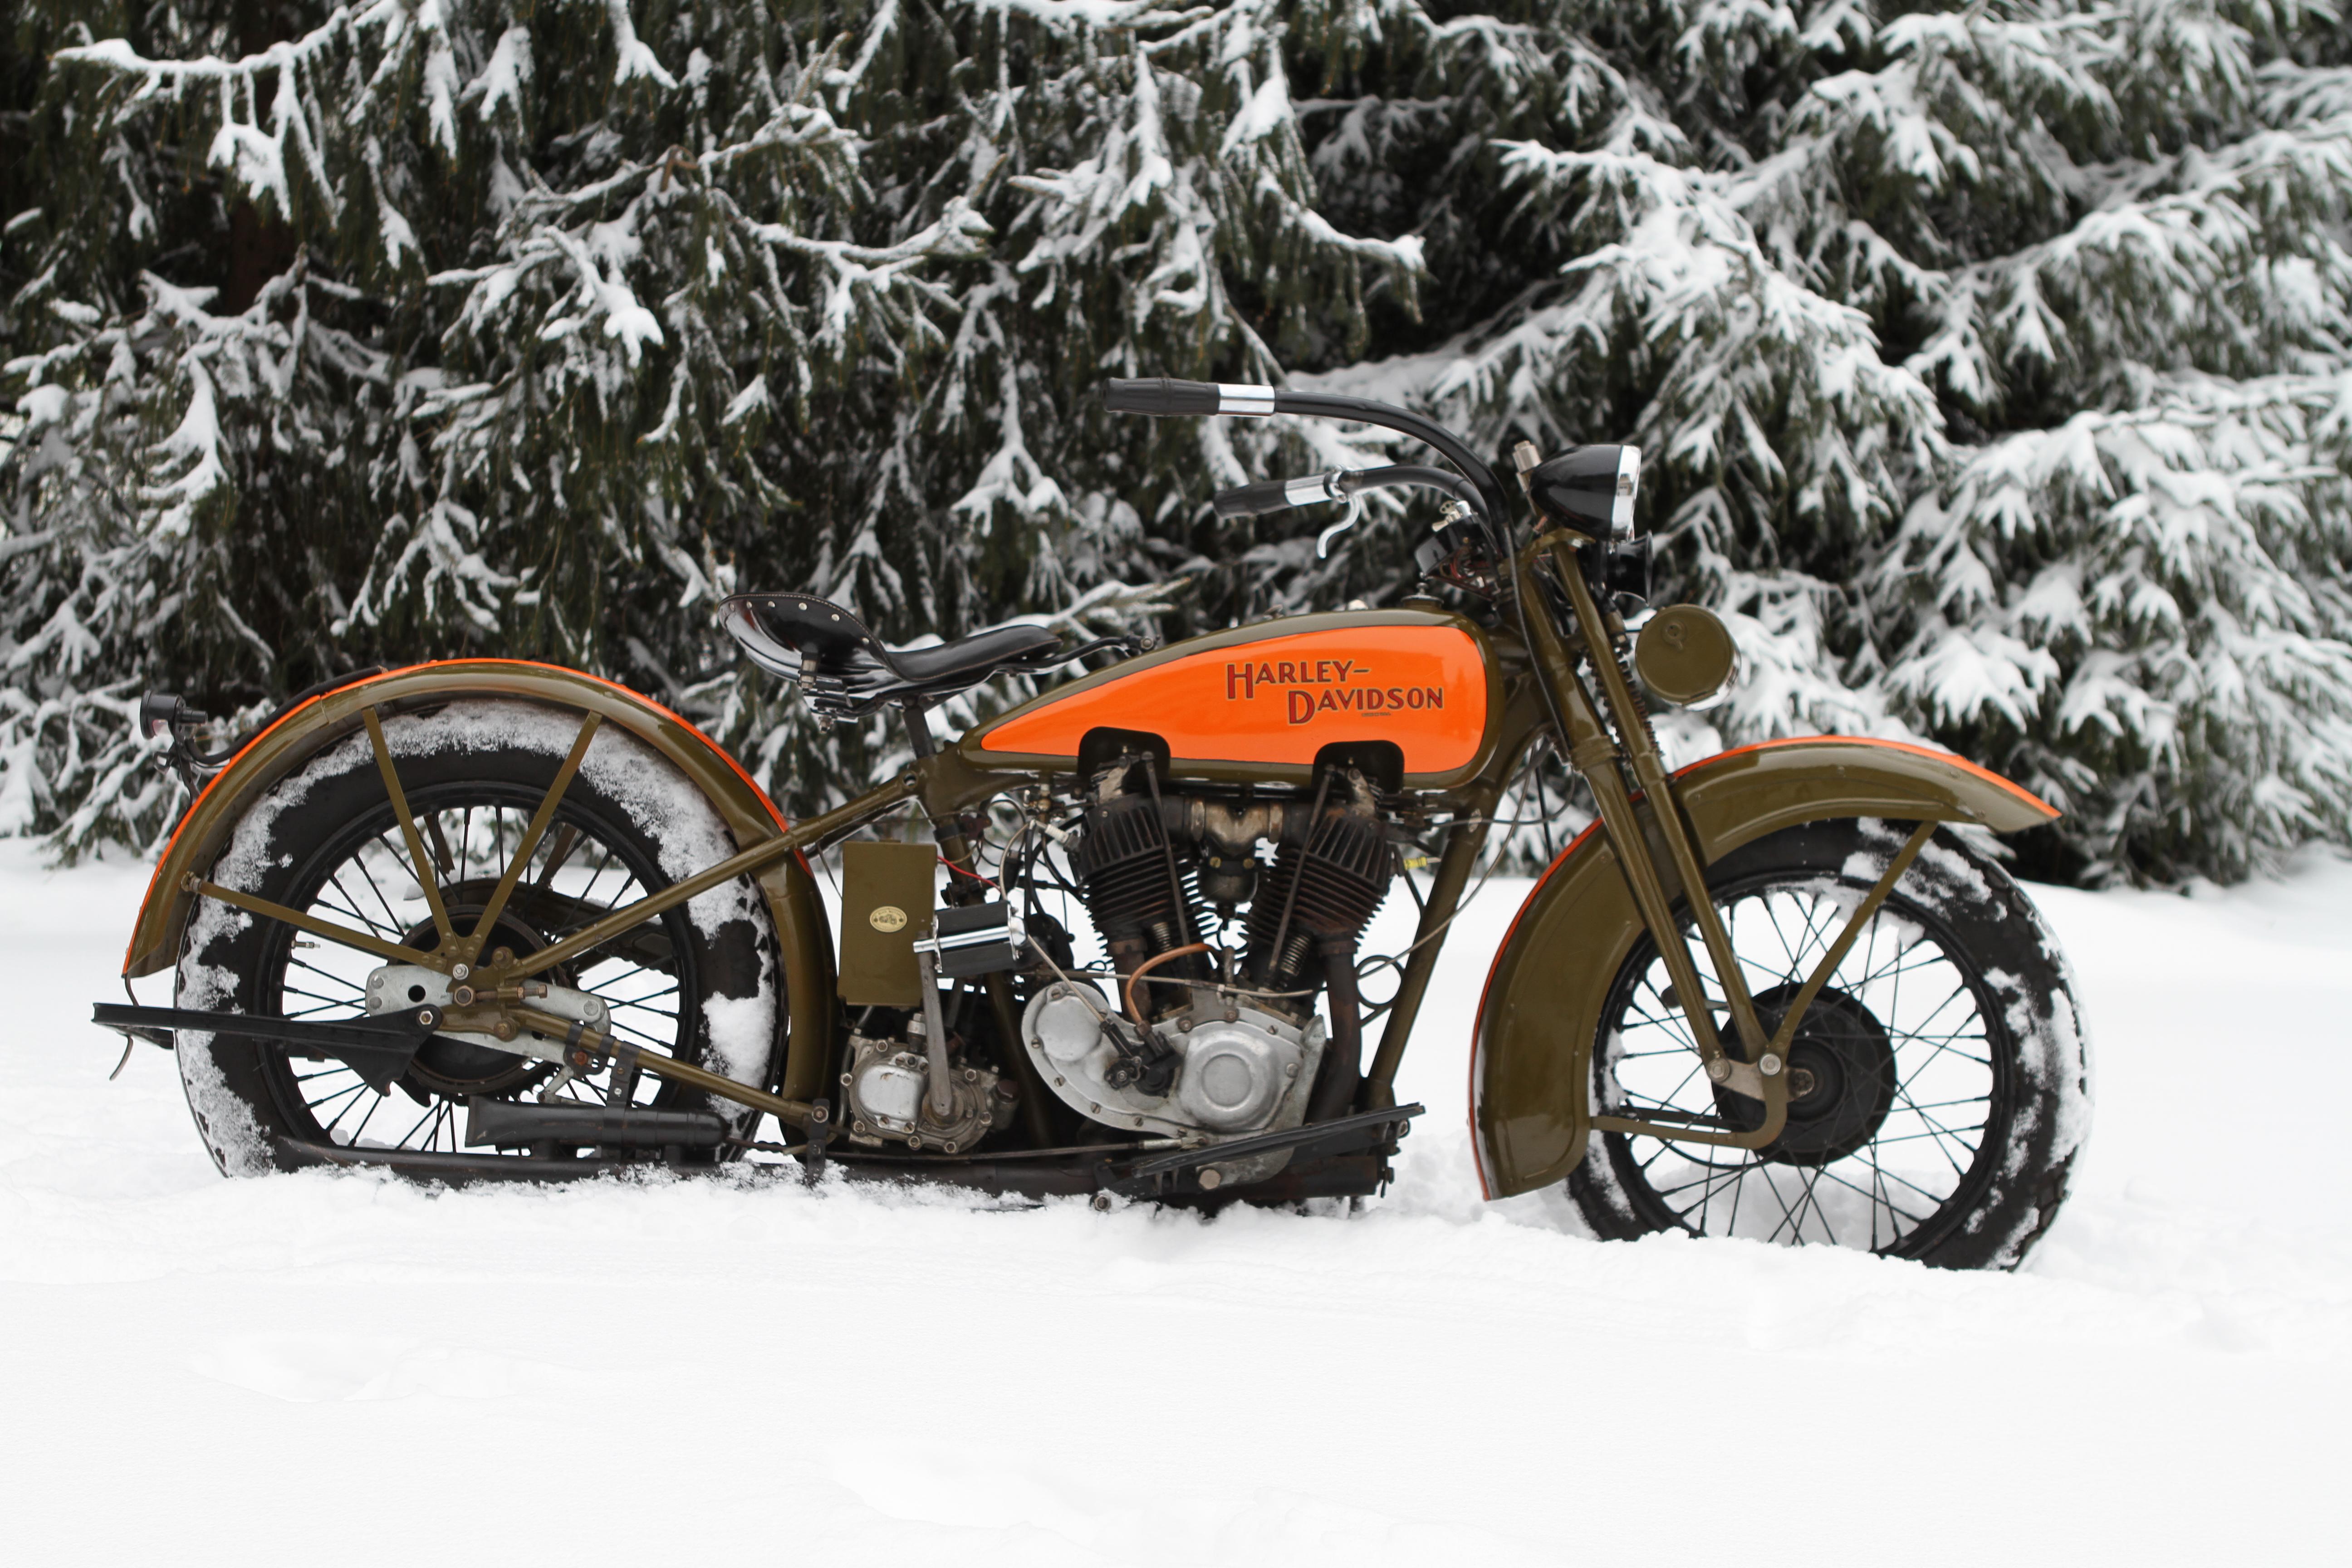 Harley Davidson clipart honda motorcycle  Wallpaper Bmw Wallpapers MB